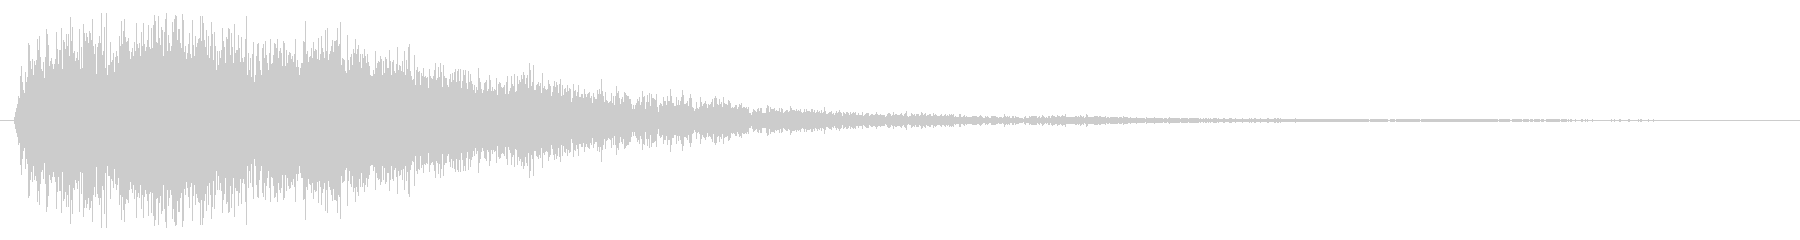 シュピーン(疾走感と勢いのあるバネ音)の未再生の波形